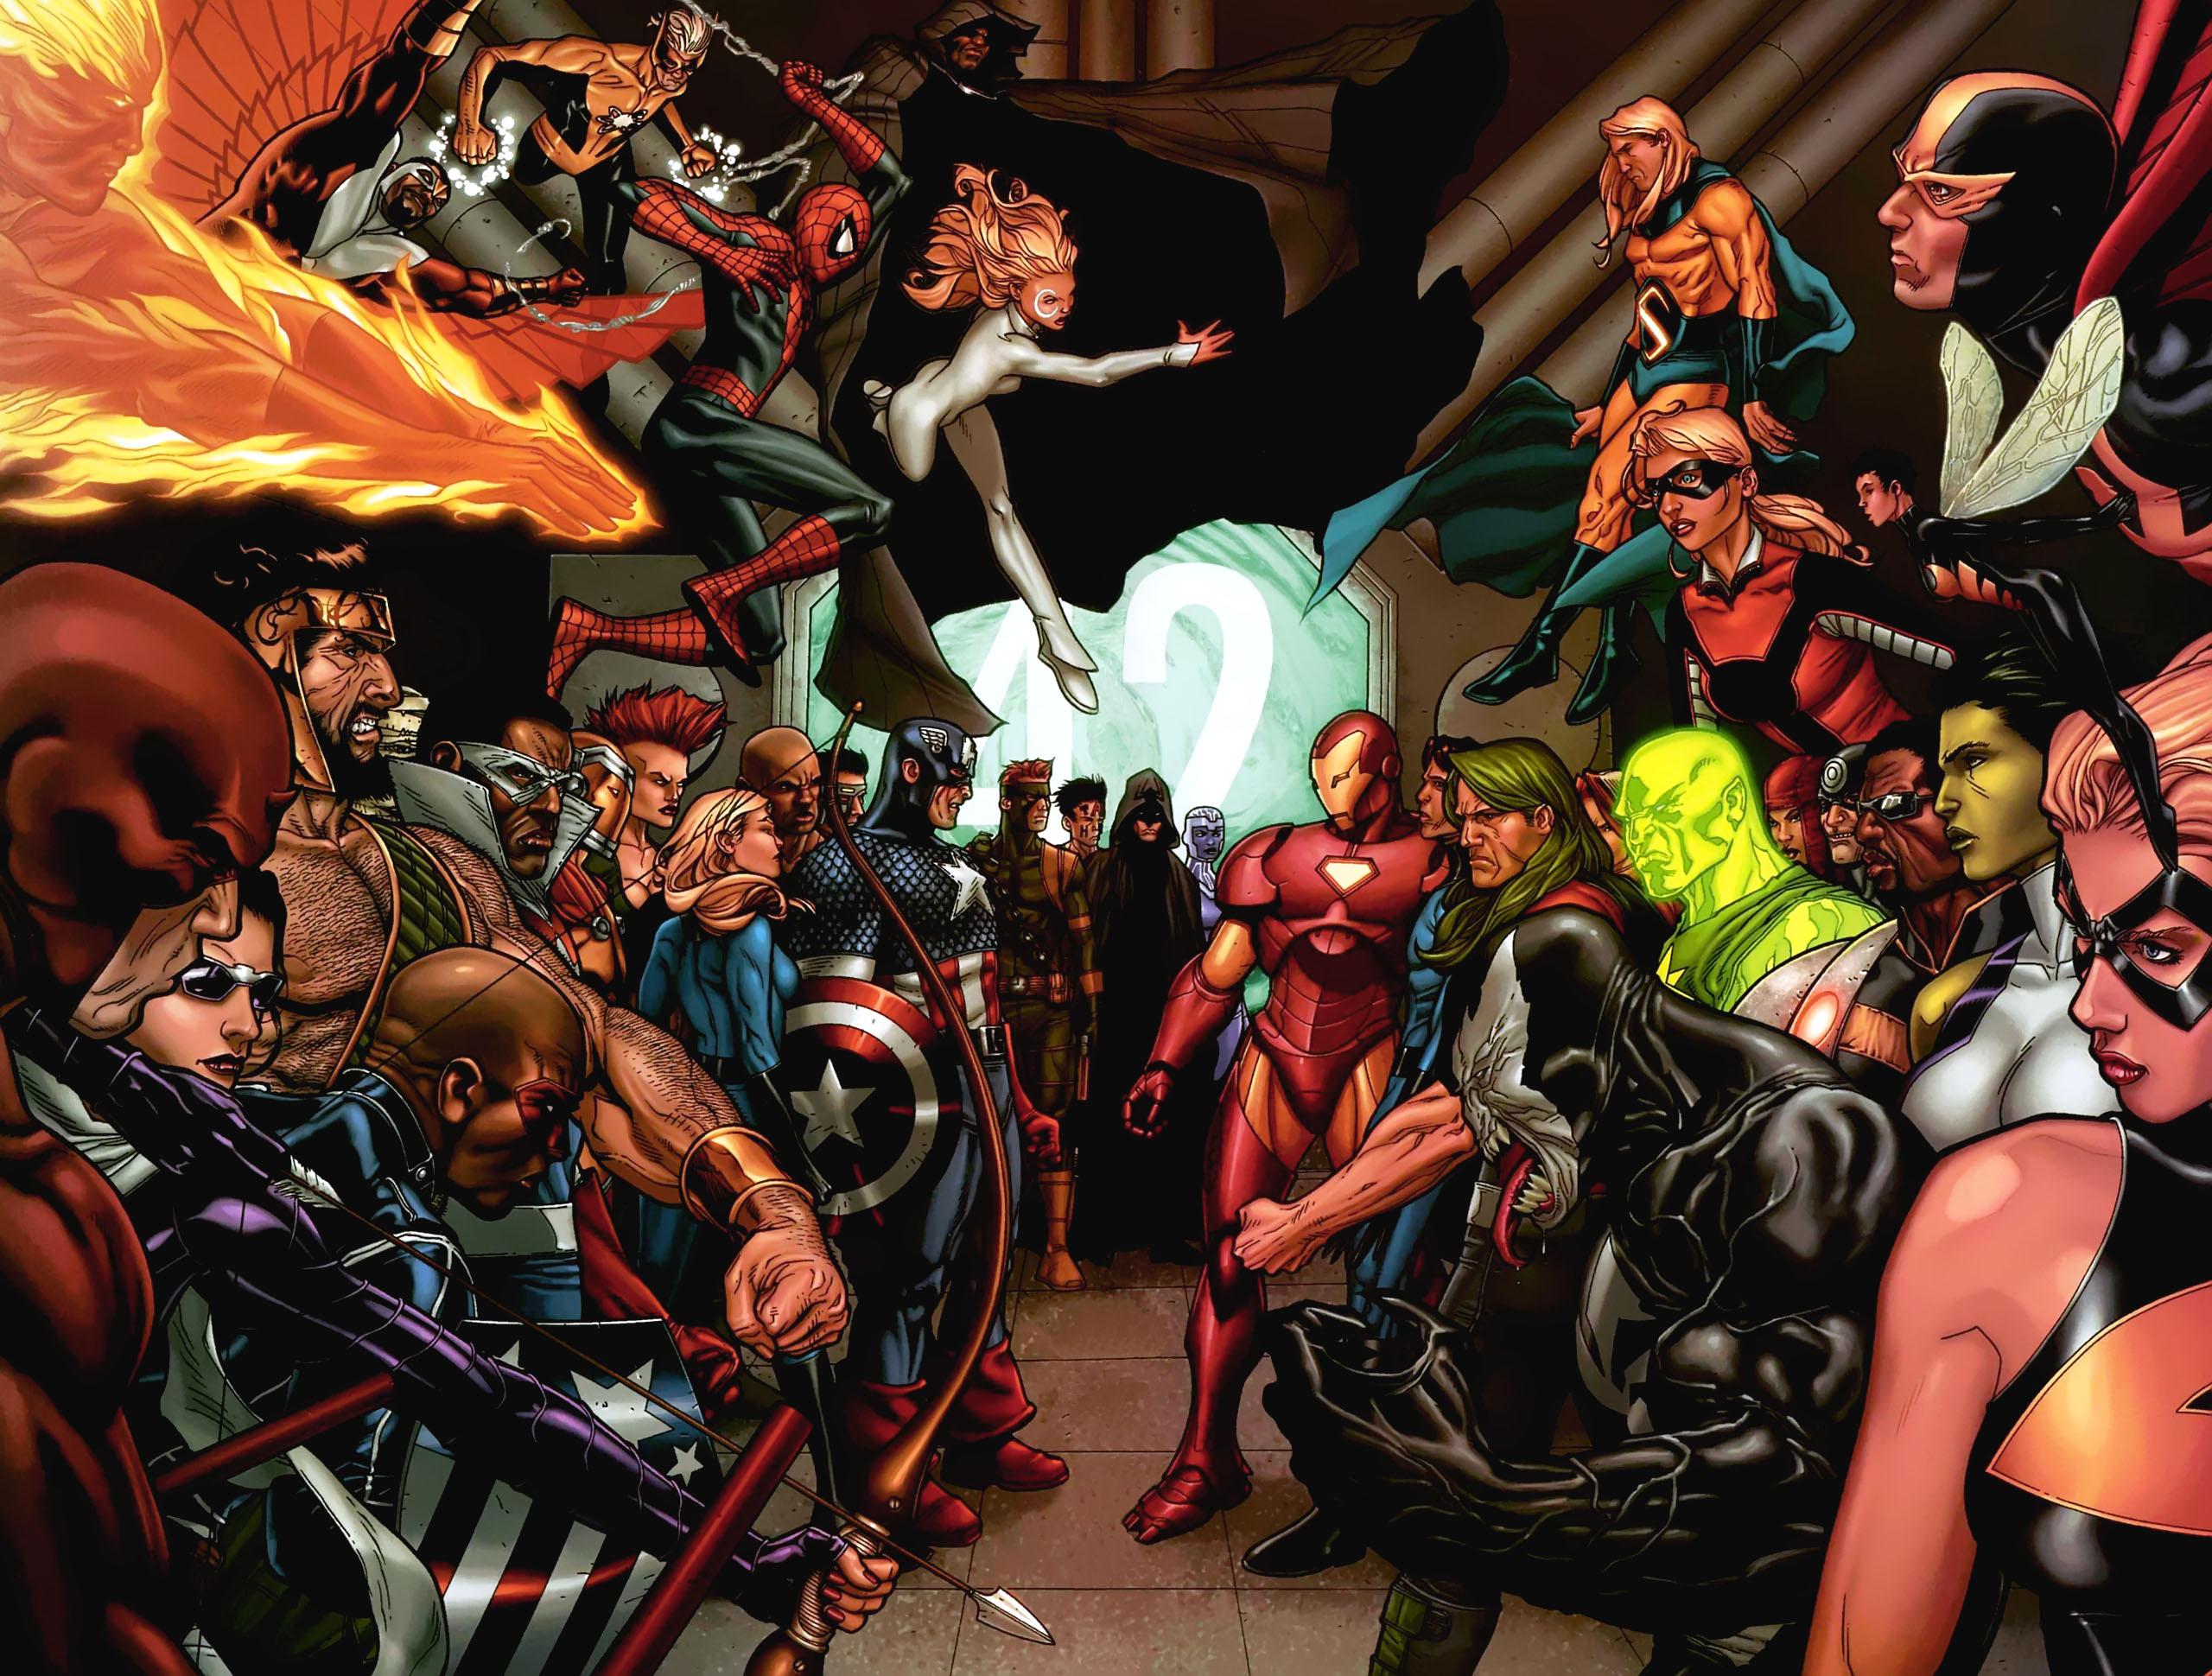 Desktop Fun: Heroes of Marvel Comics Wallpaper Collection